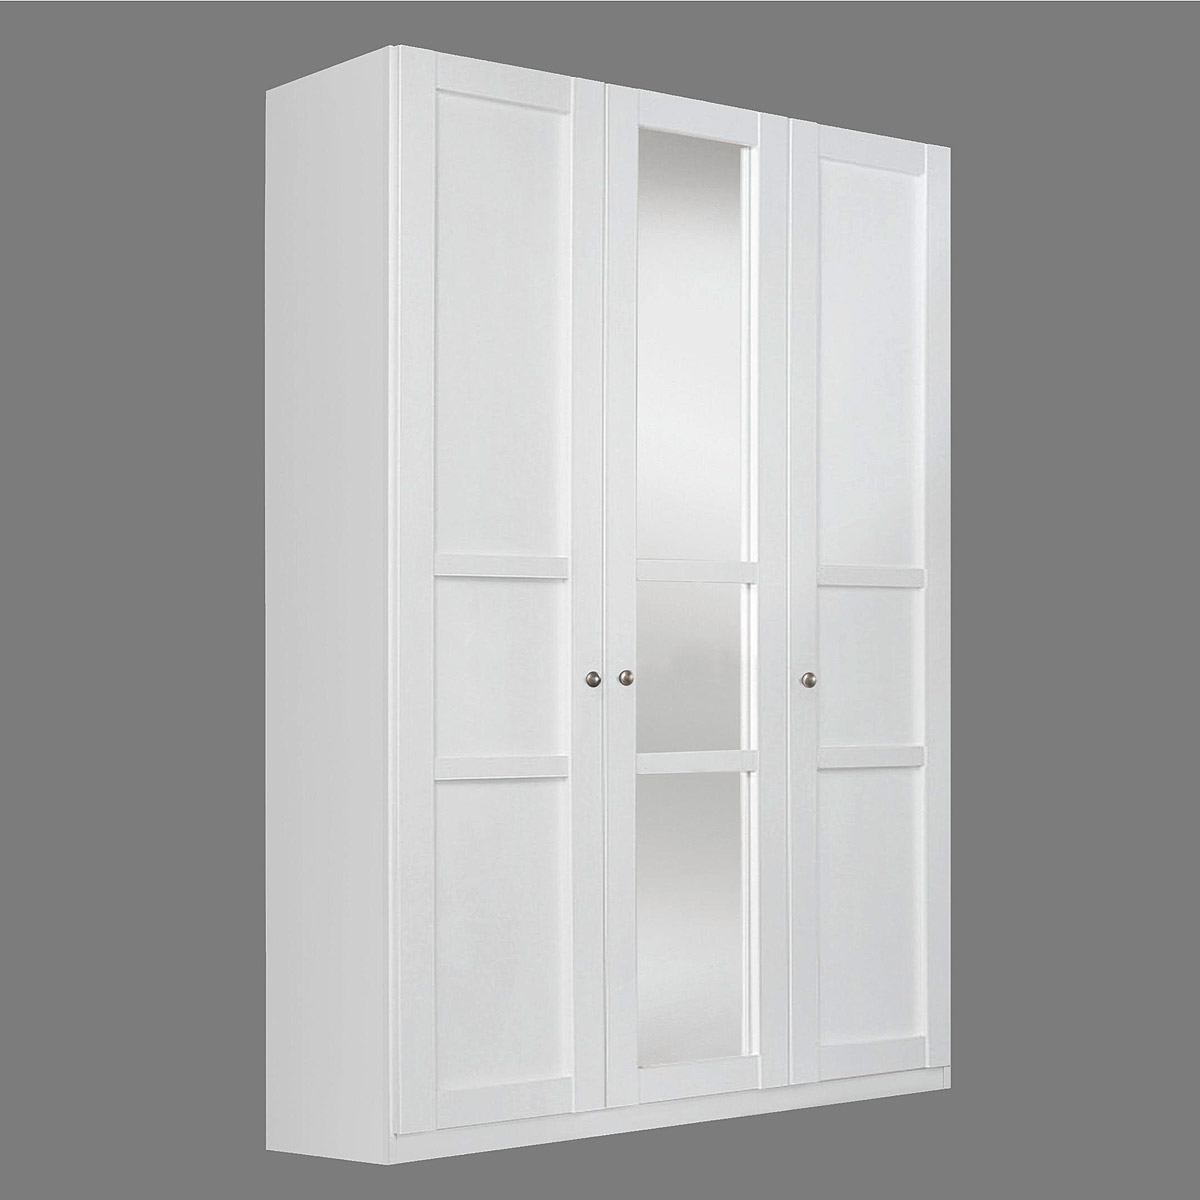 Eckkleiderschrank mit spiegel  Schrank Weiß Spiegel ~ Speyeder.net = Verschiedene Ideen für die ...